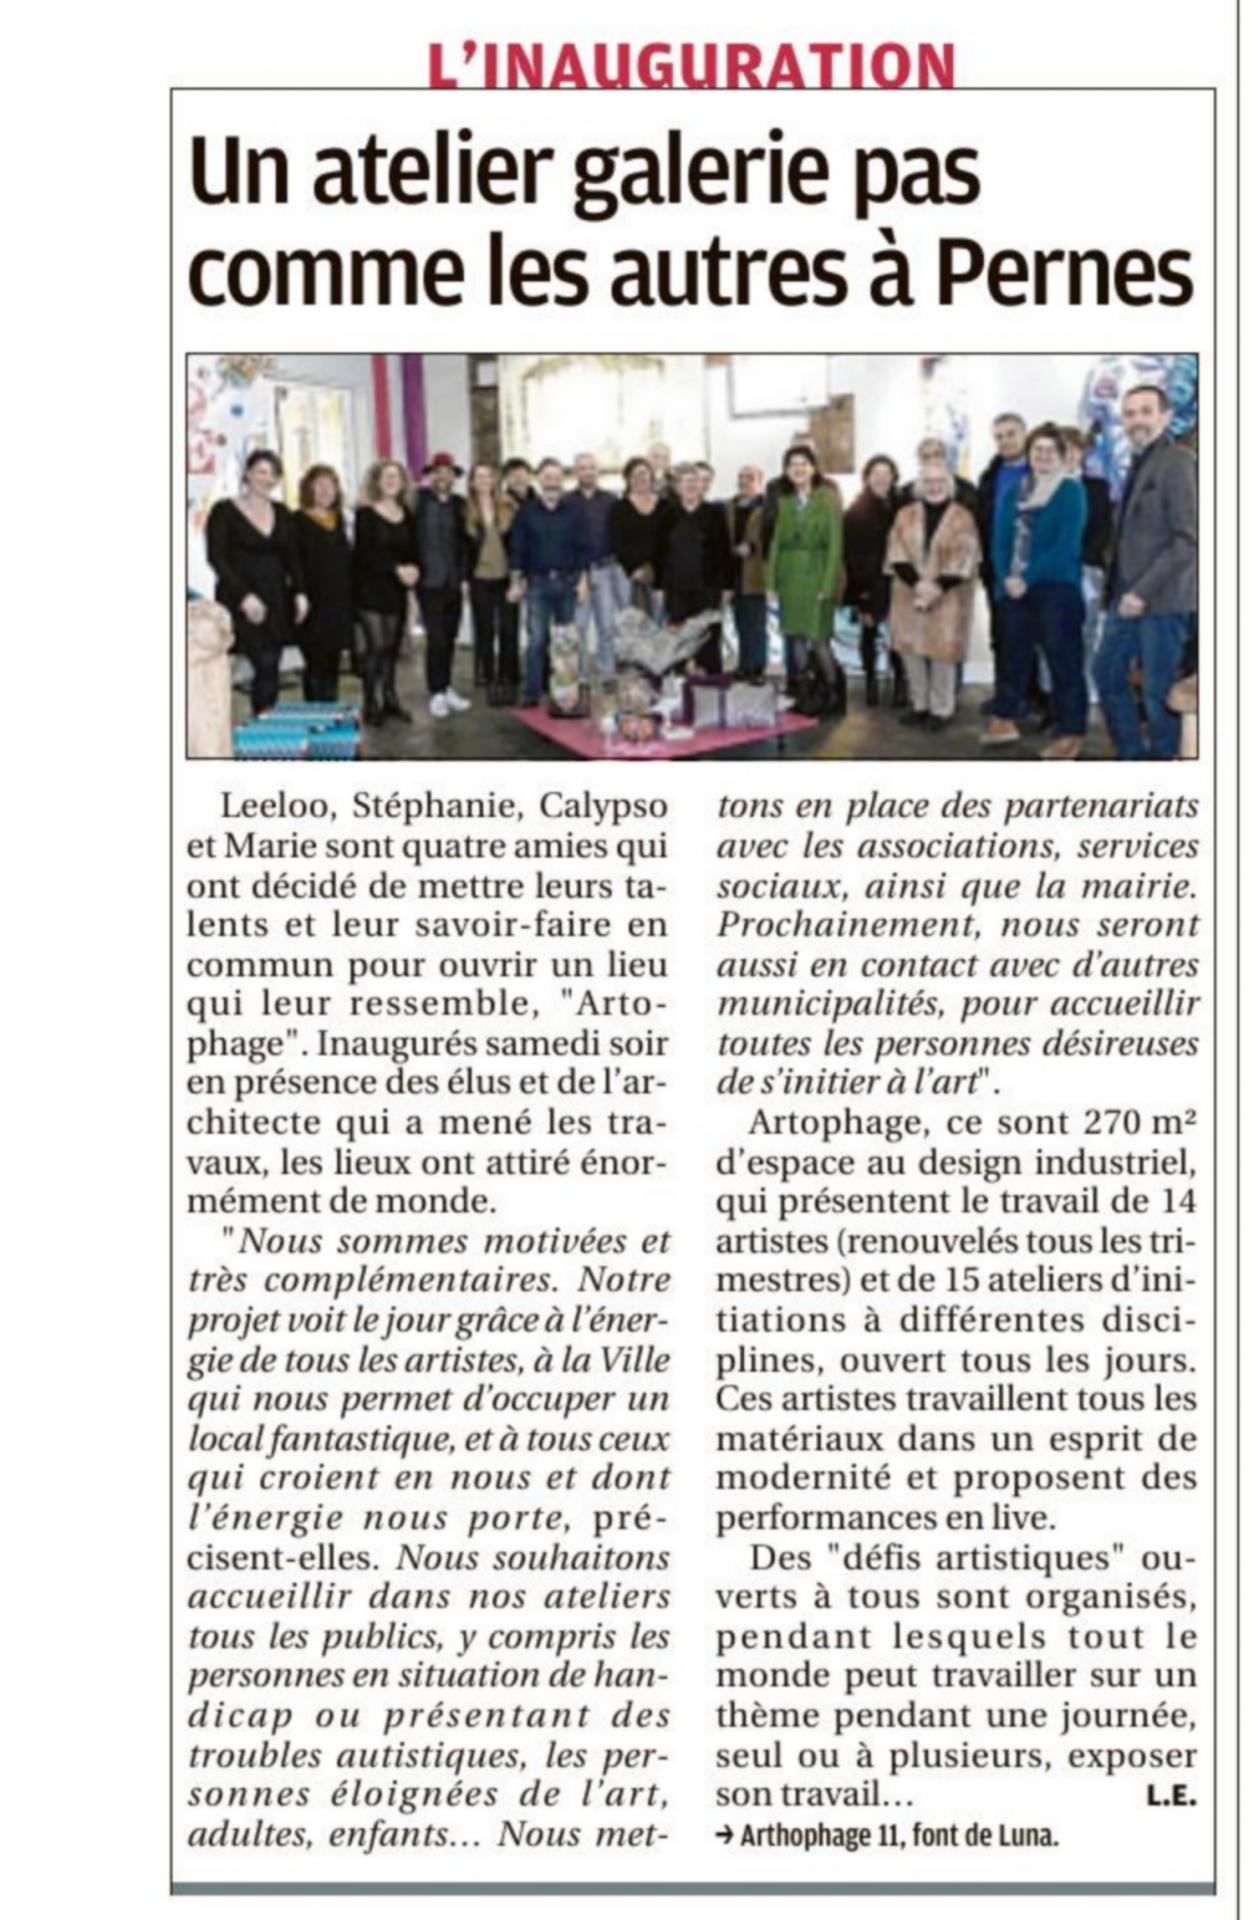 La provence 2 mars 2020 un atelier galerie pas comme les autres